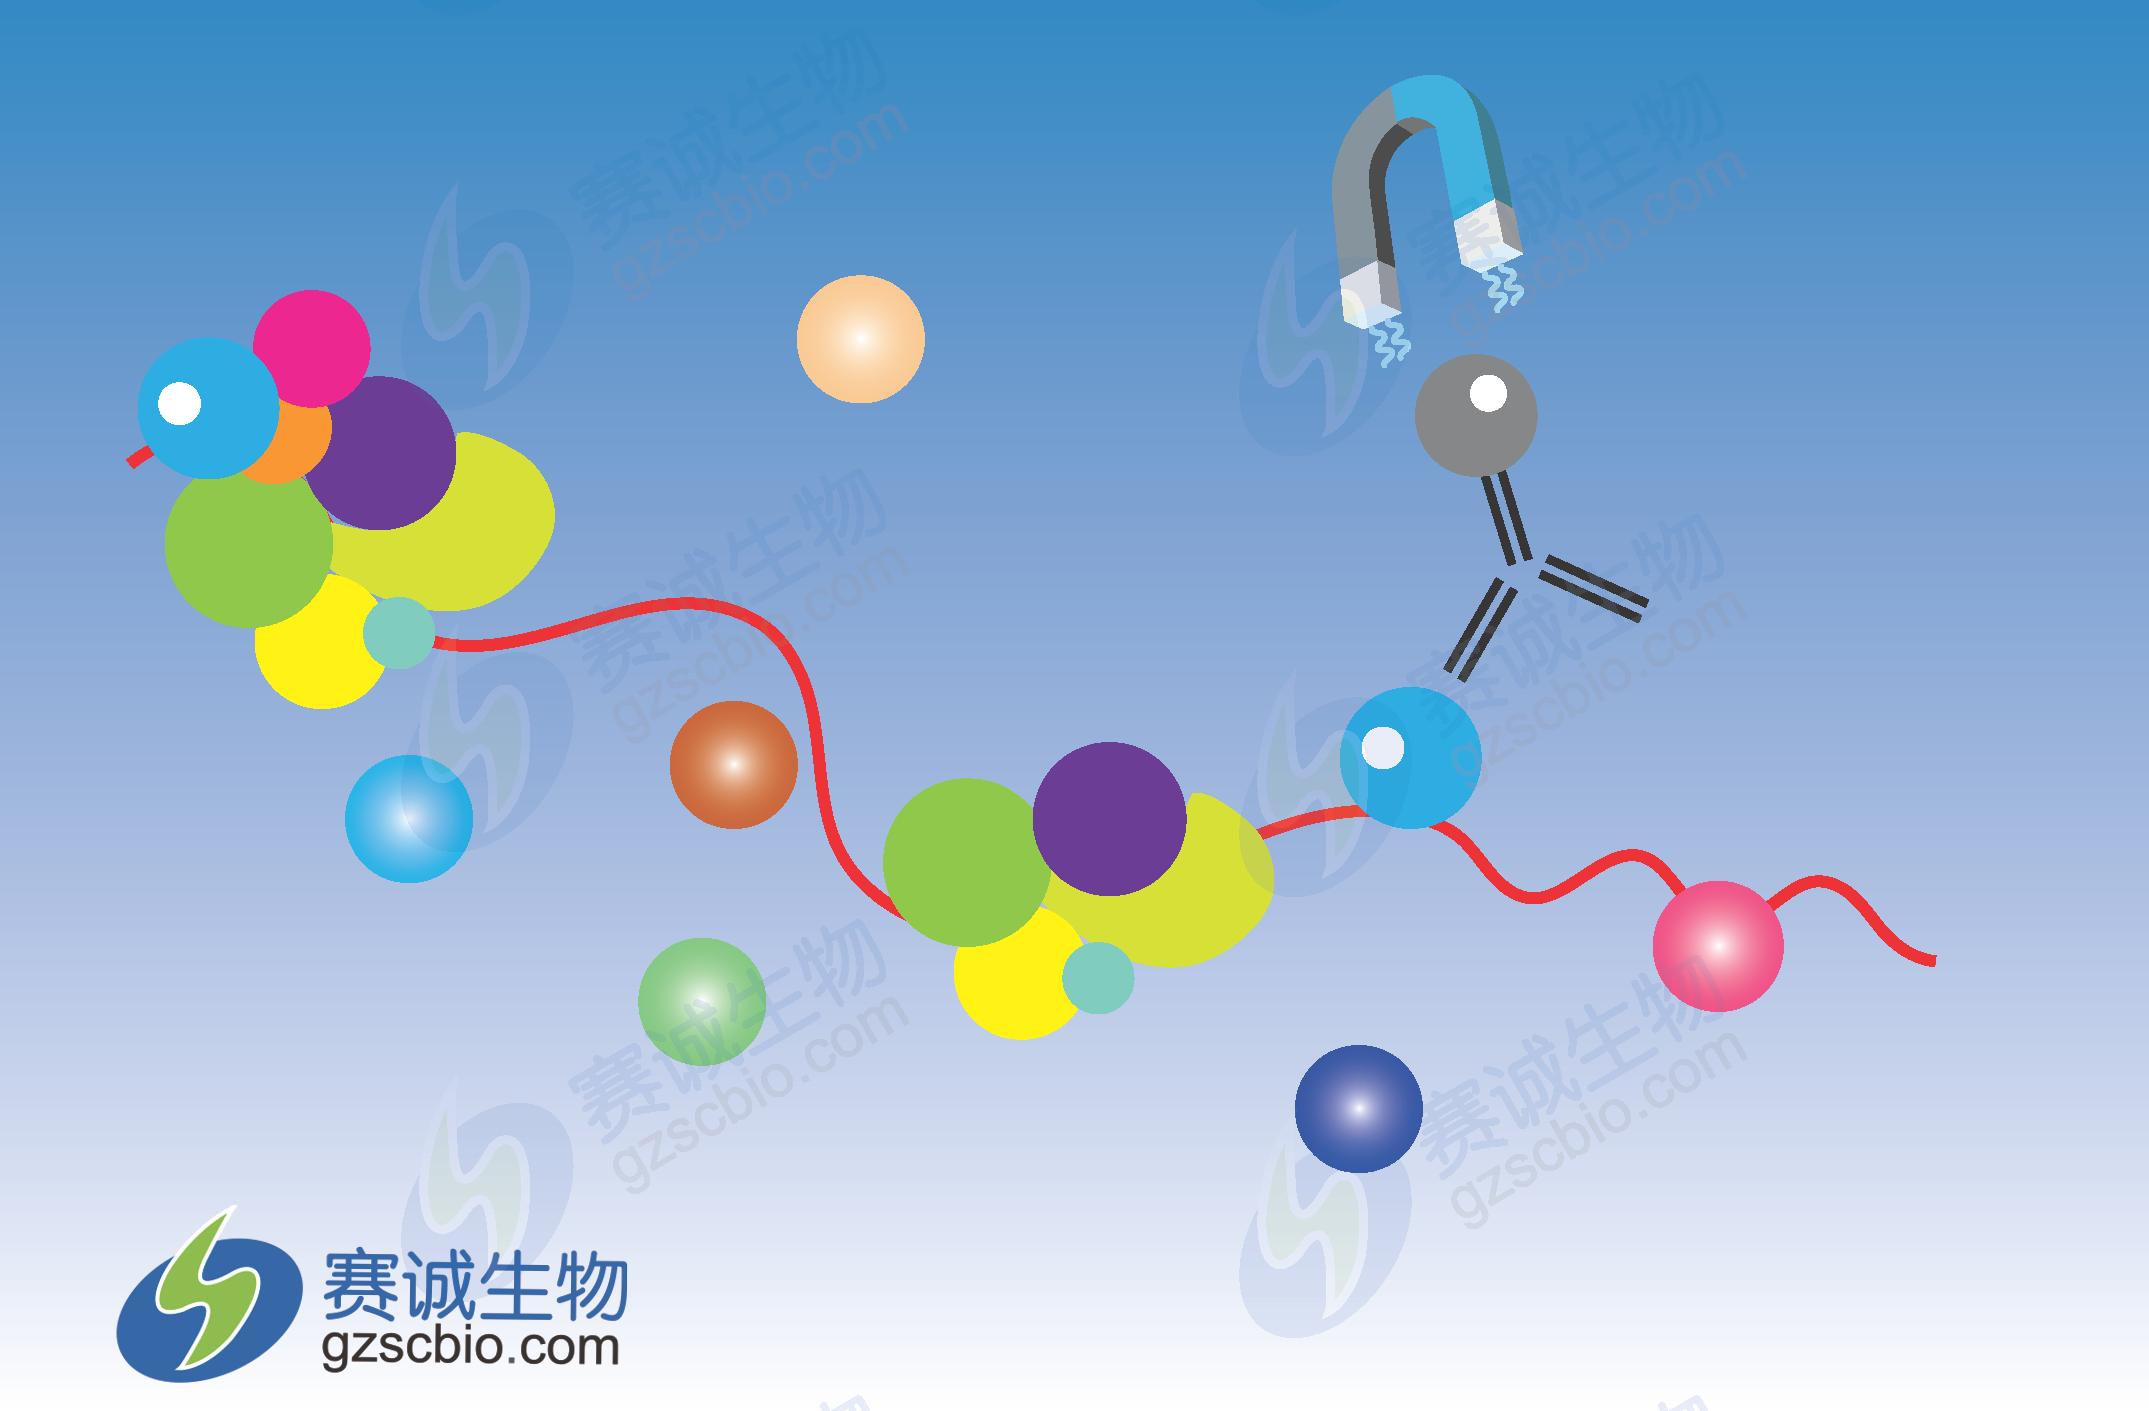 基因克隆步骤及原理